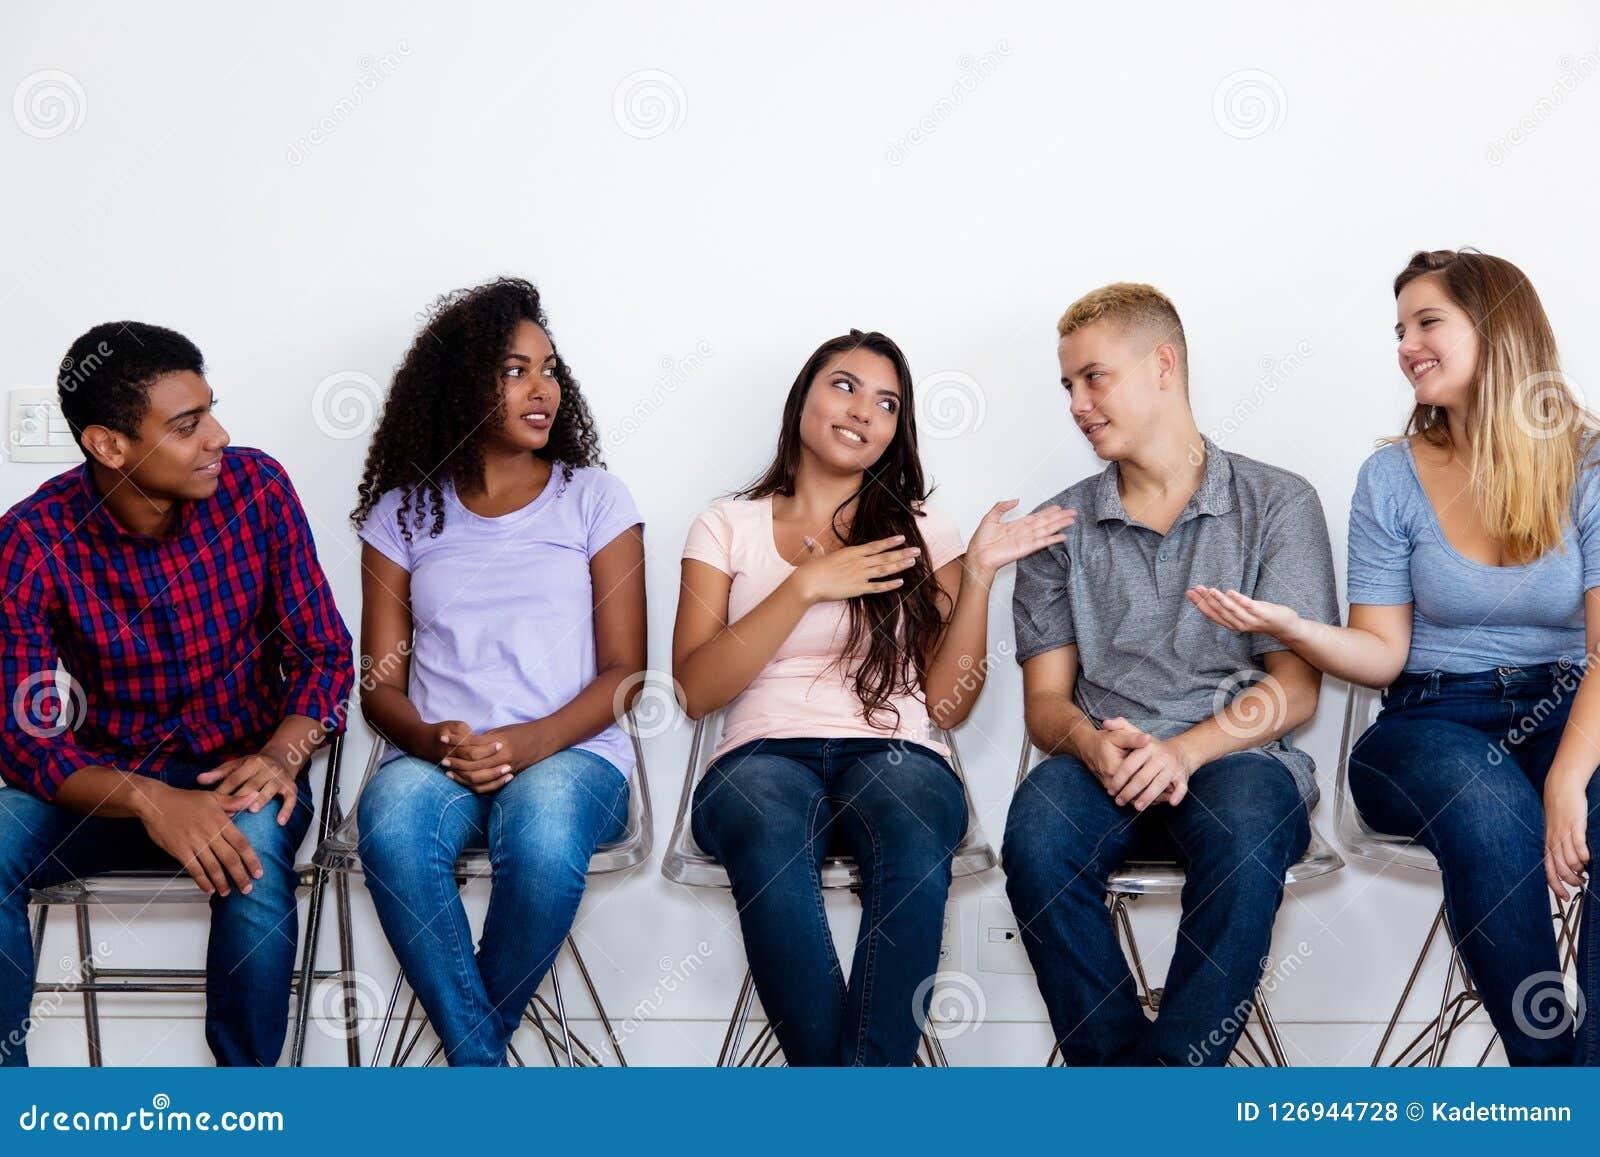 Sprechende junge erwachsene Gruppe von Personen im Warteraum